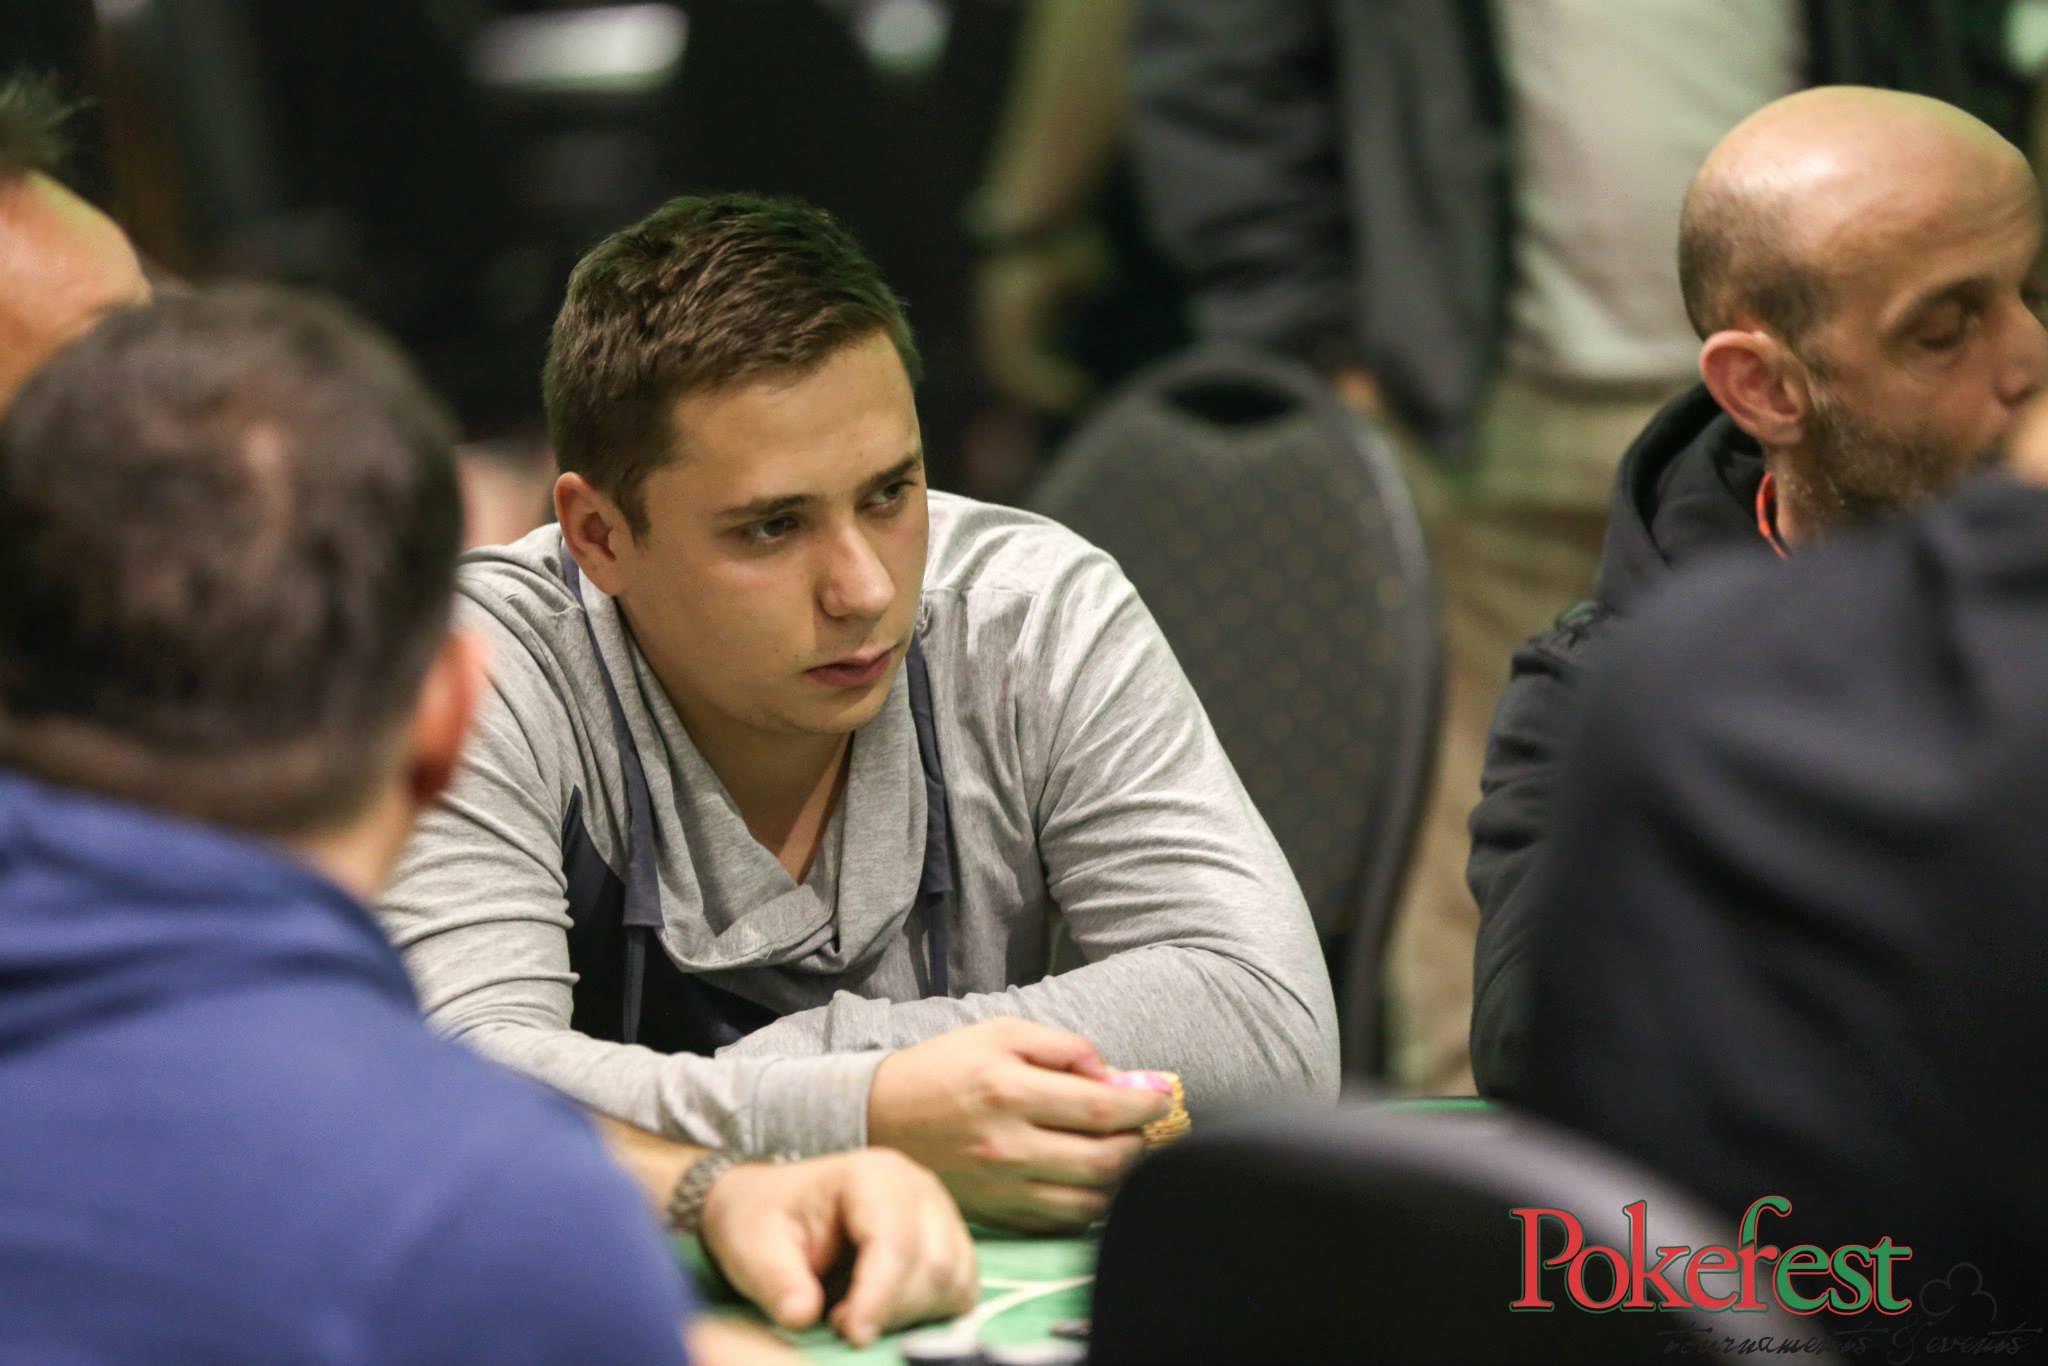 Pokerfest Noiembrie : Un jucator Ponturi Bune castiga ziua 1A